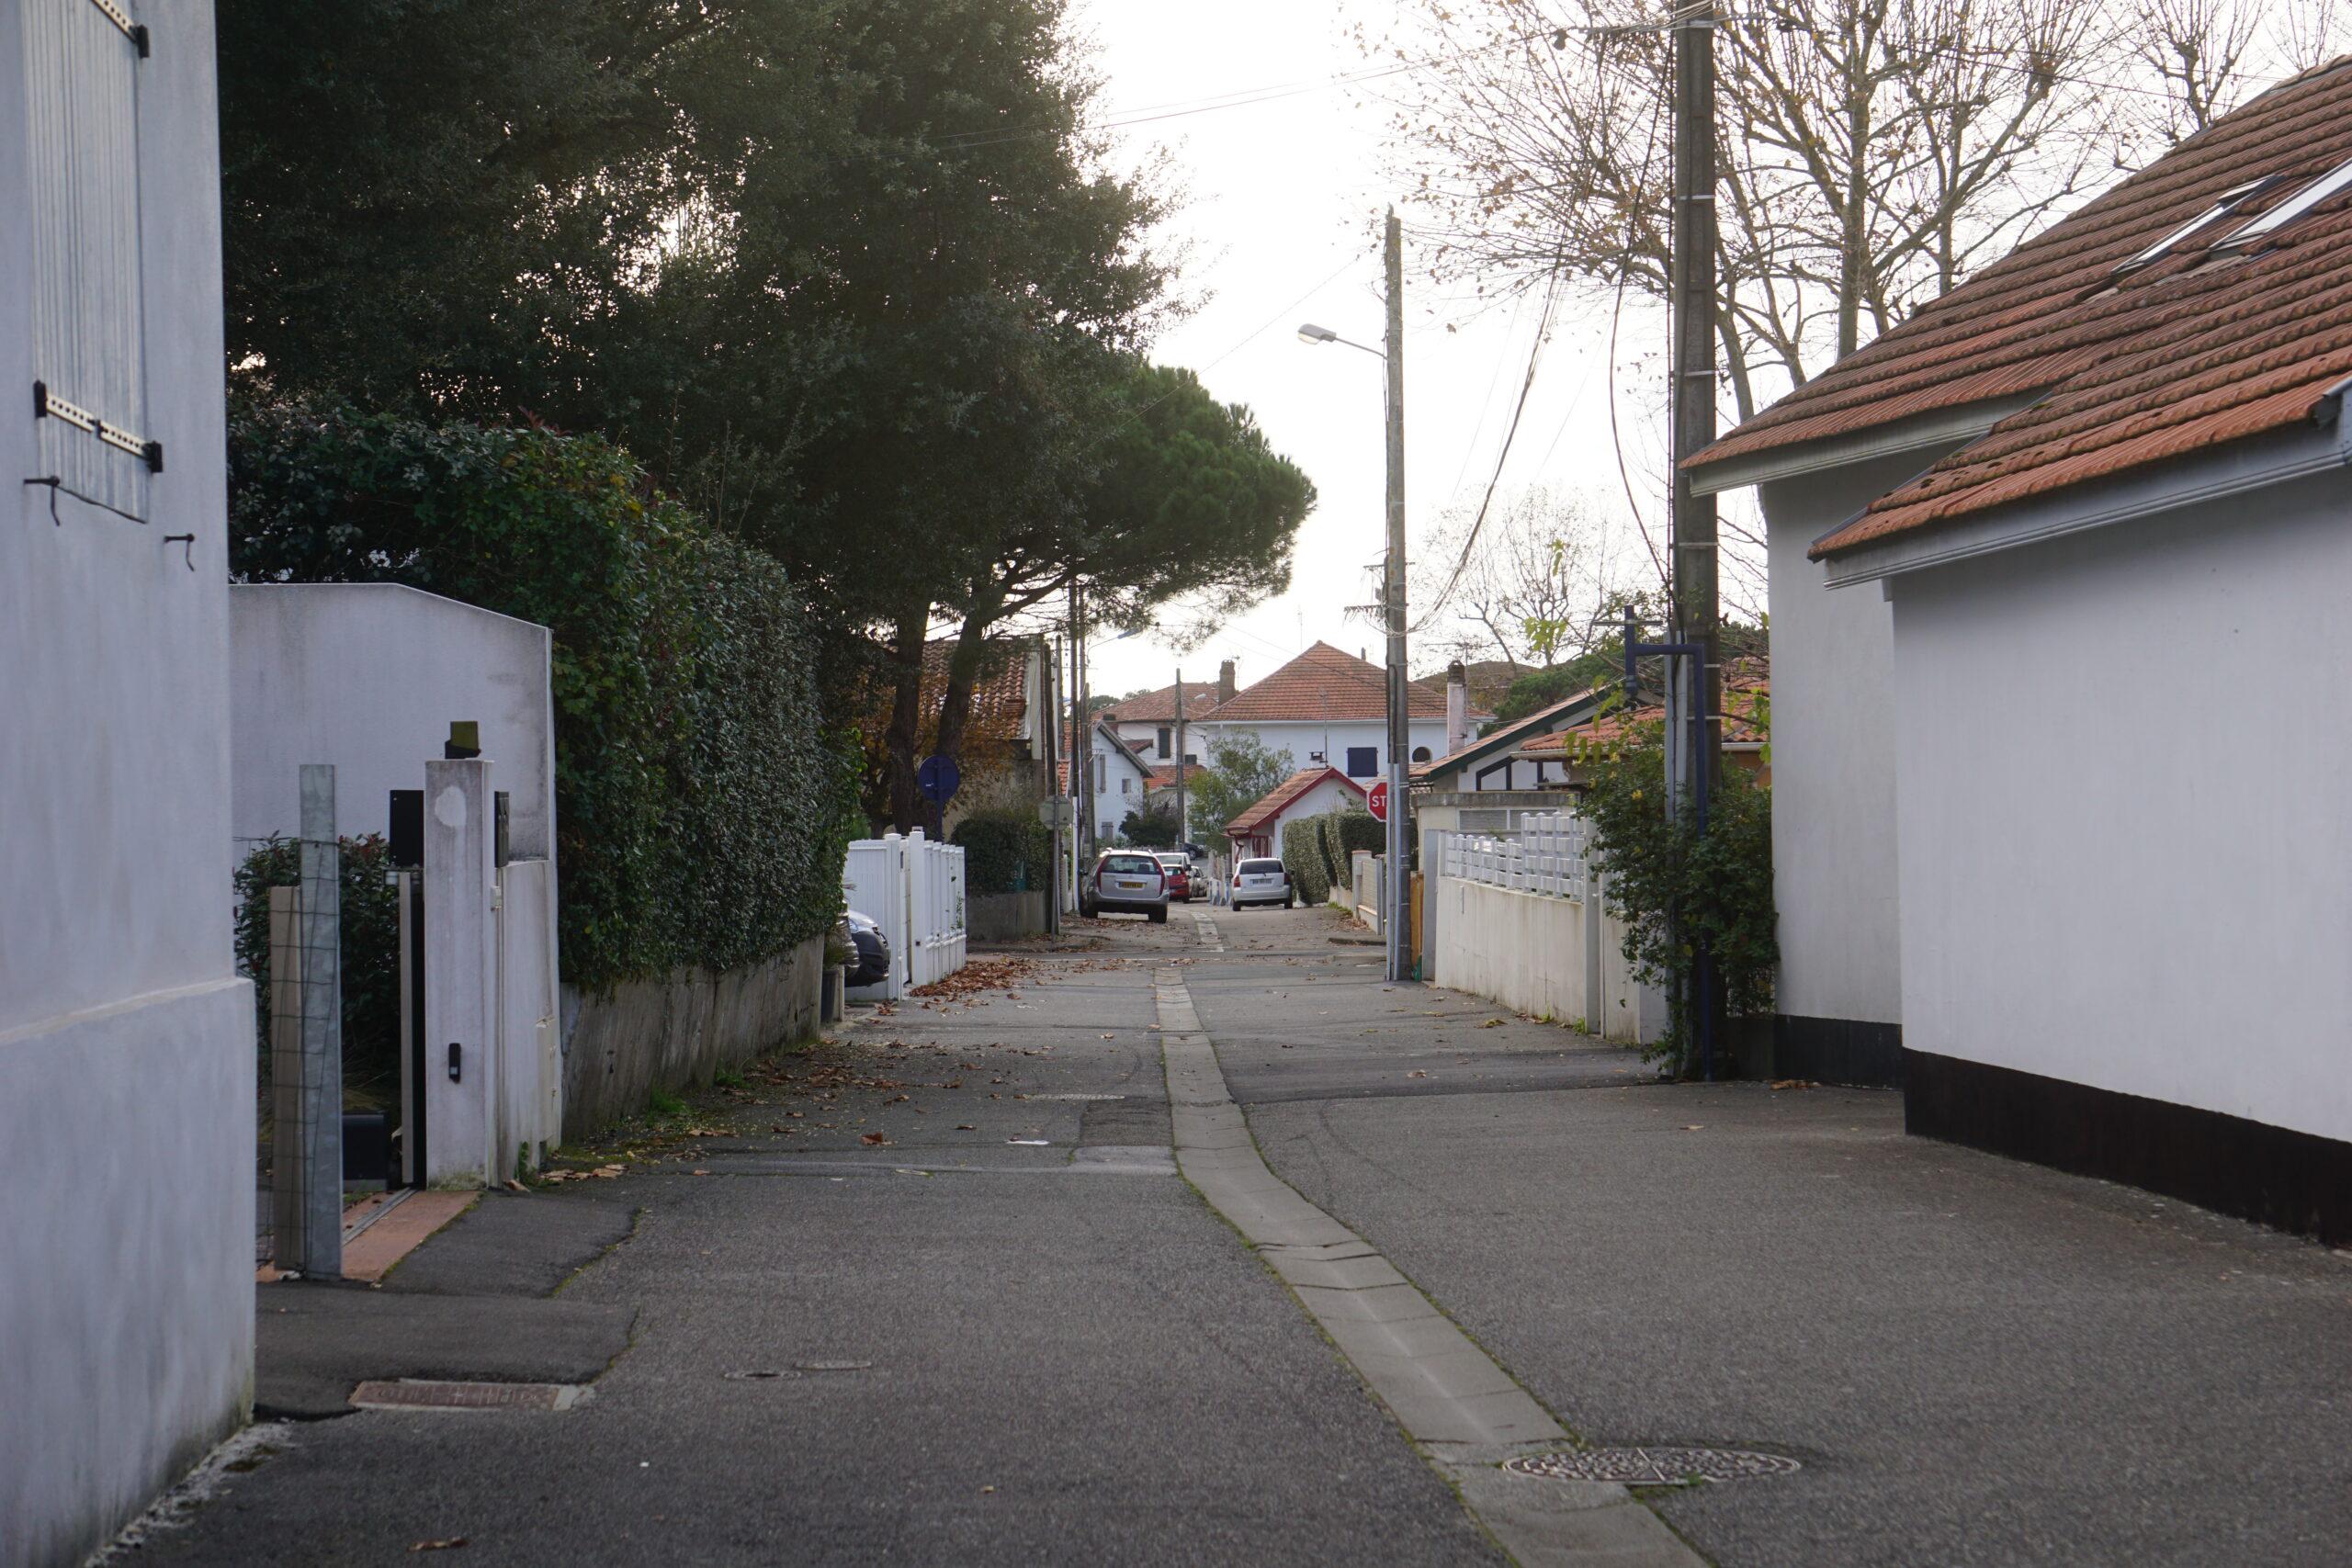 Photographie d'une rue déserte.